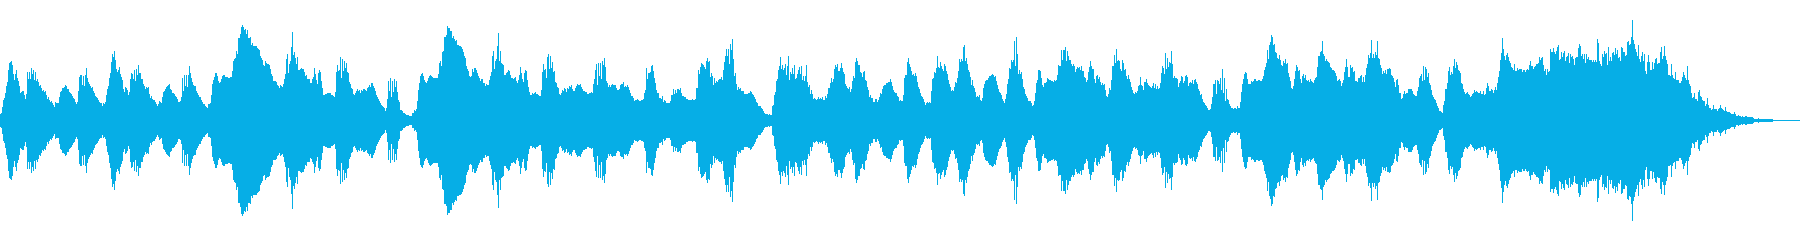 フルートが奏でる可愛いほのぼのジングルの再生済みの波形